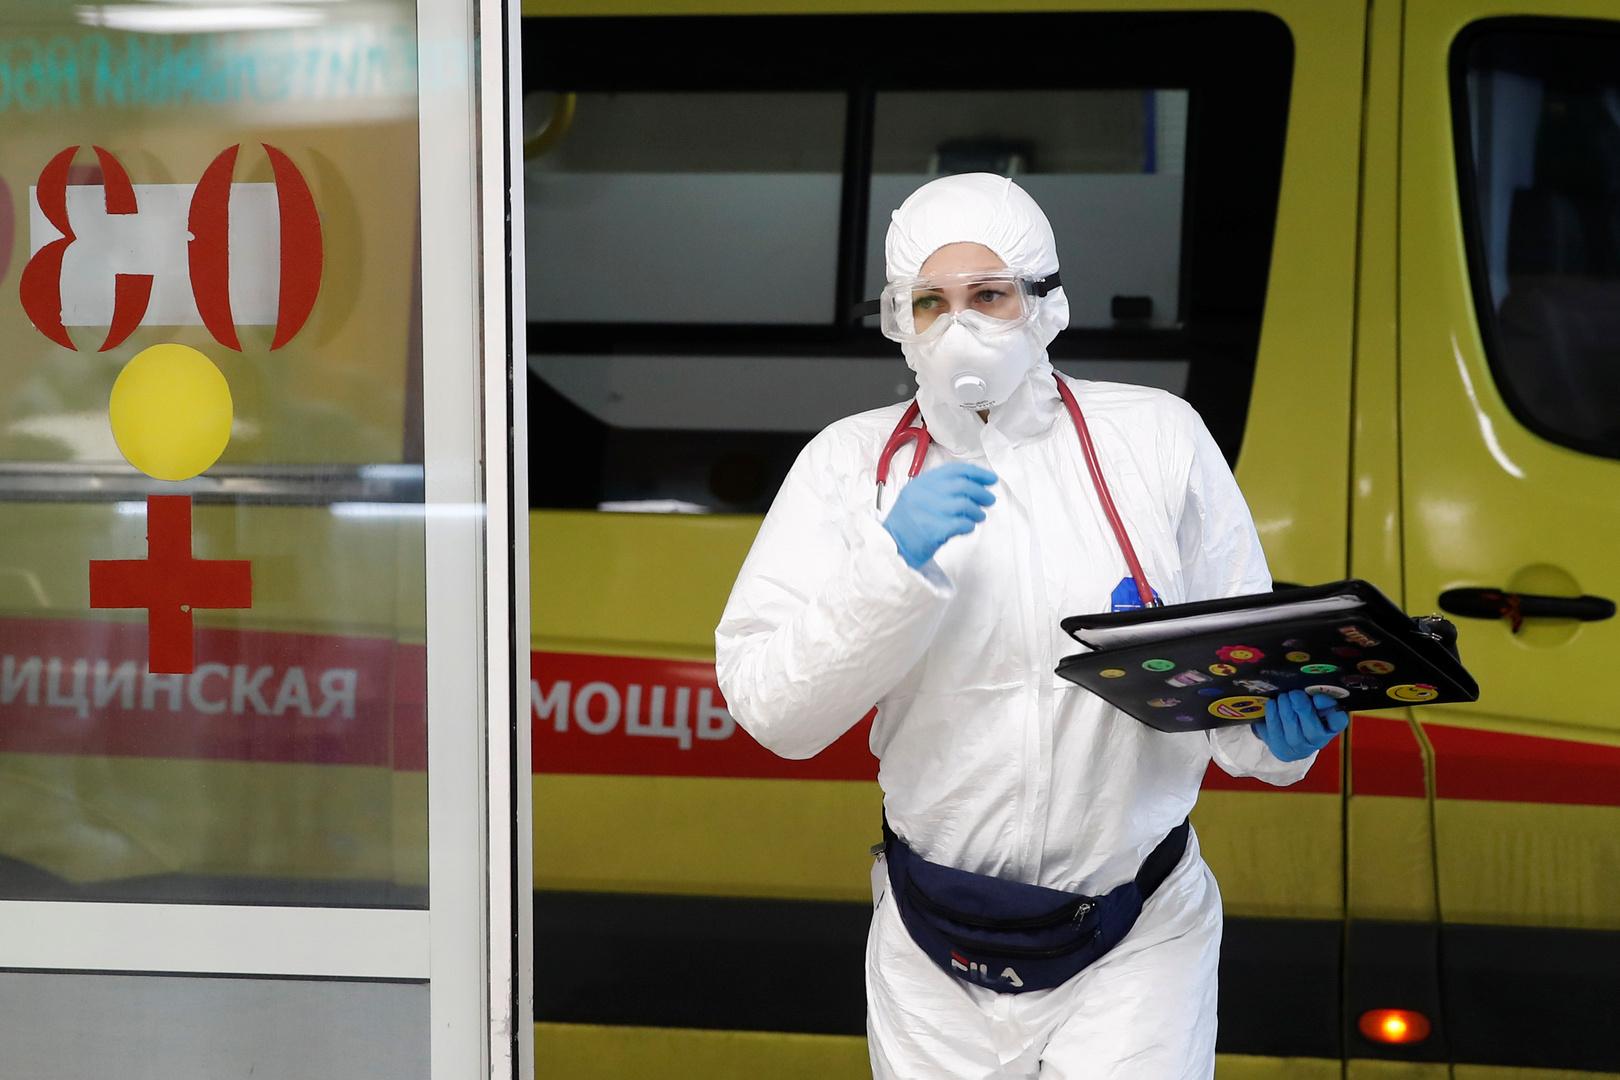 روسيا تسجل أقل حصيلة يومية من المصابين بفيروس كورونا لأول مرة منذ نحو 3 أشهر